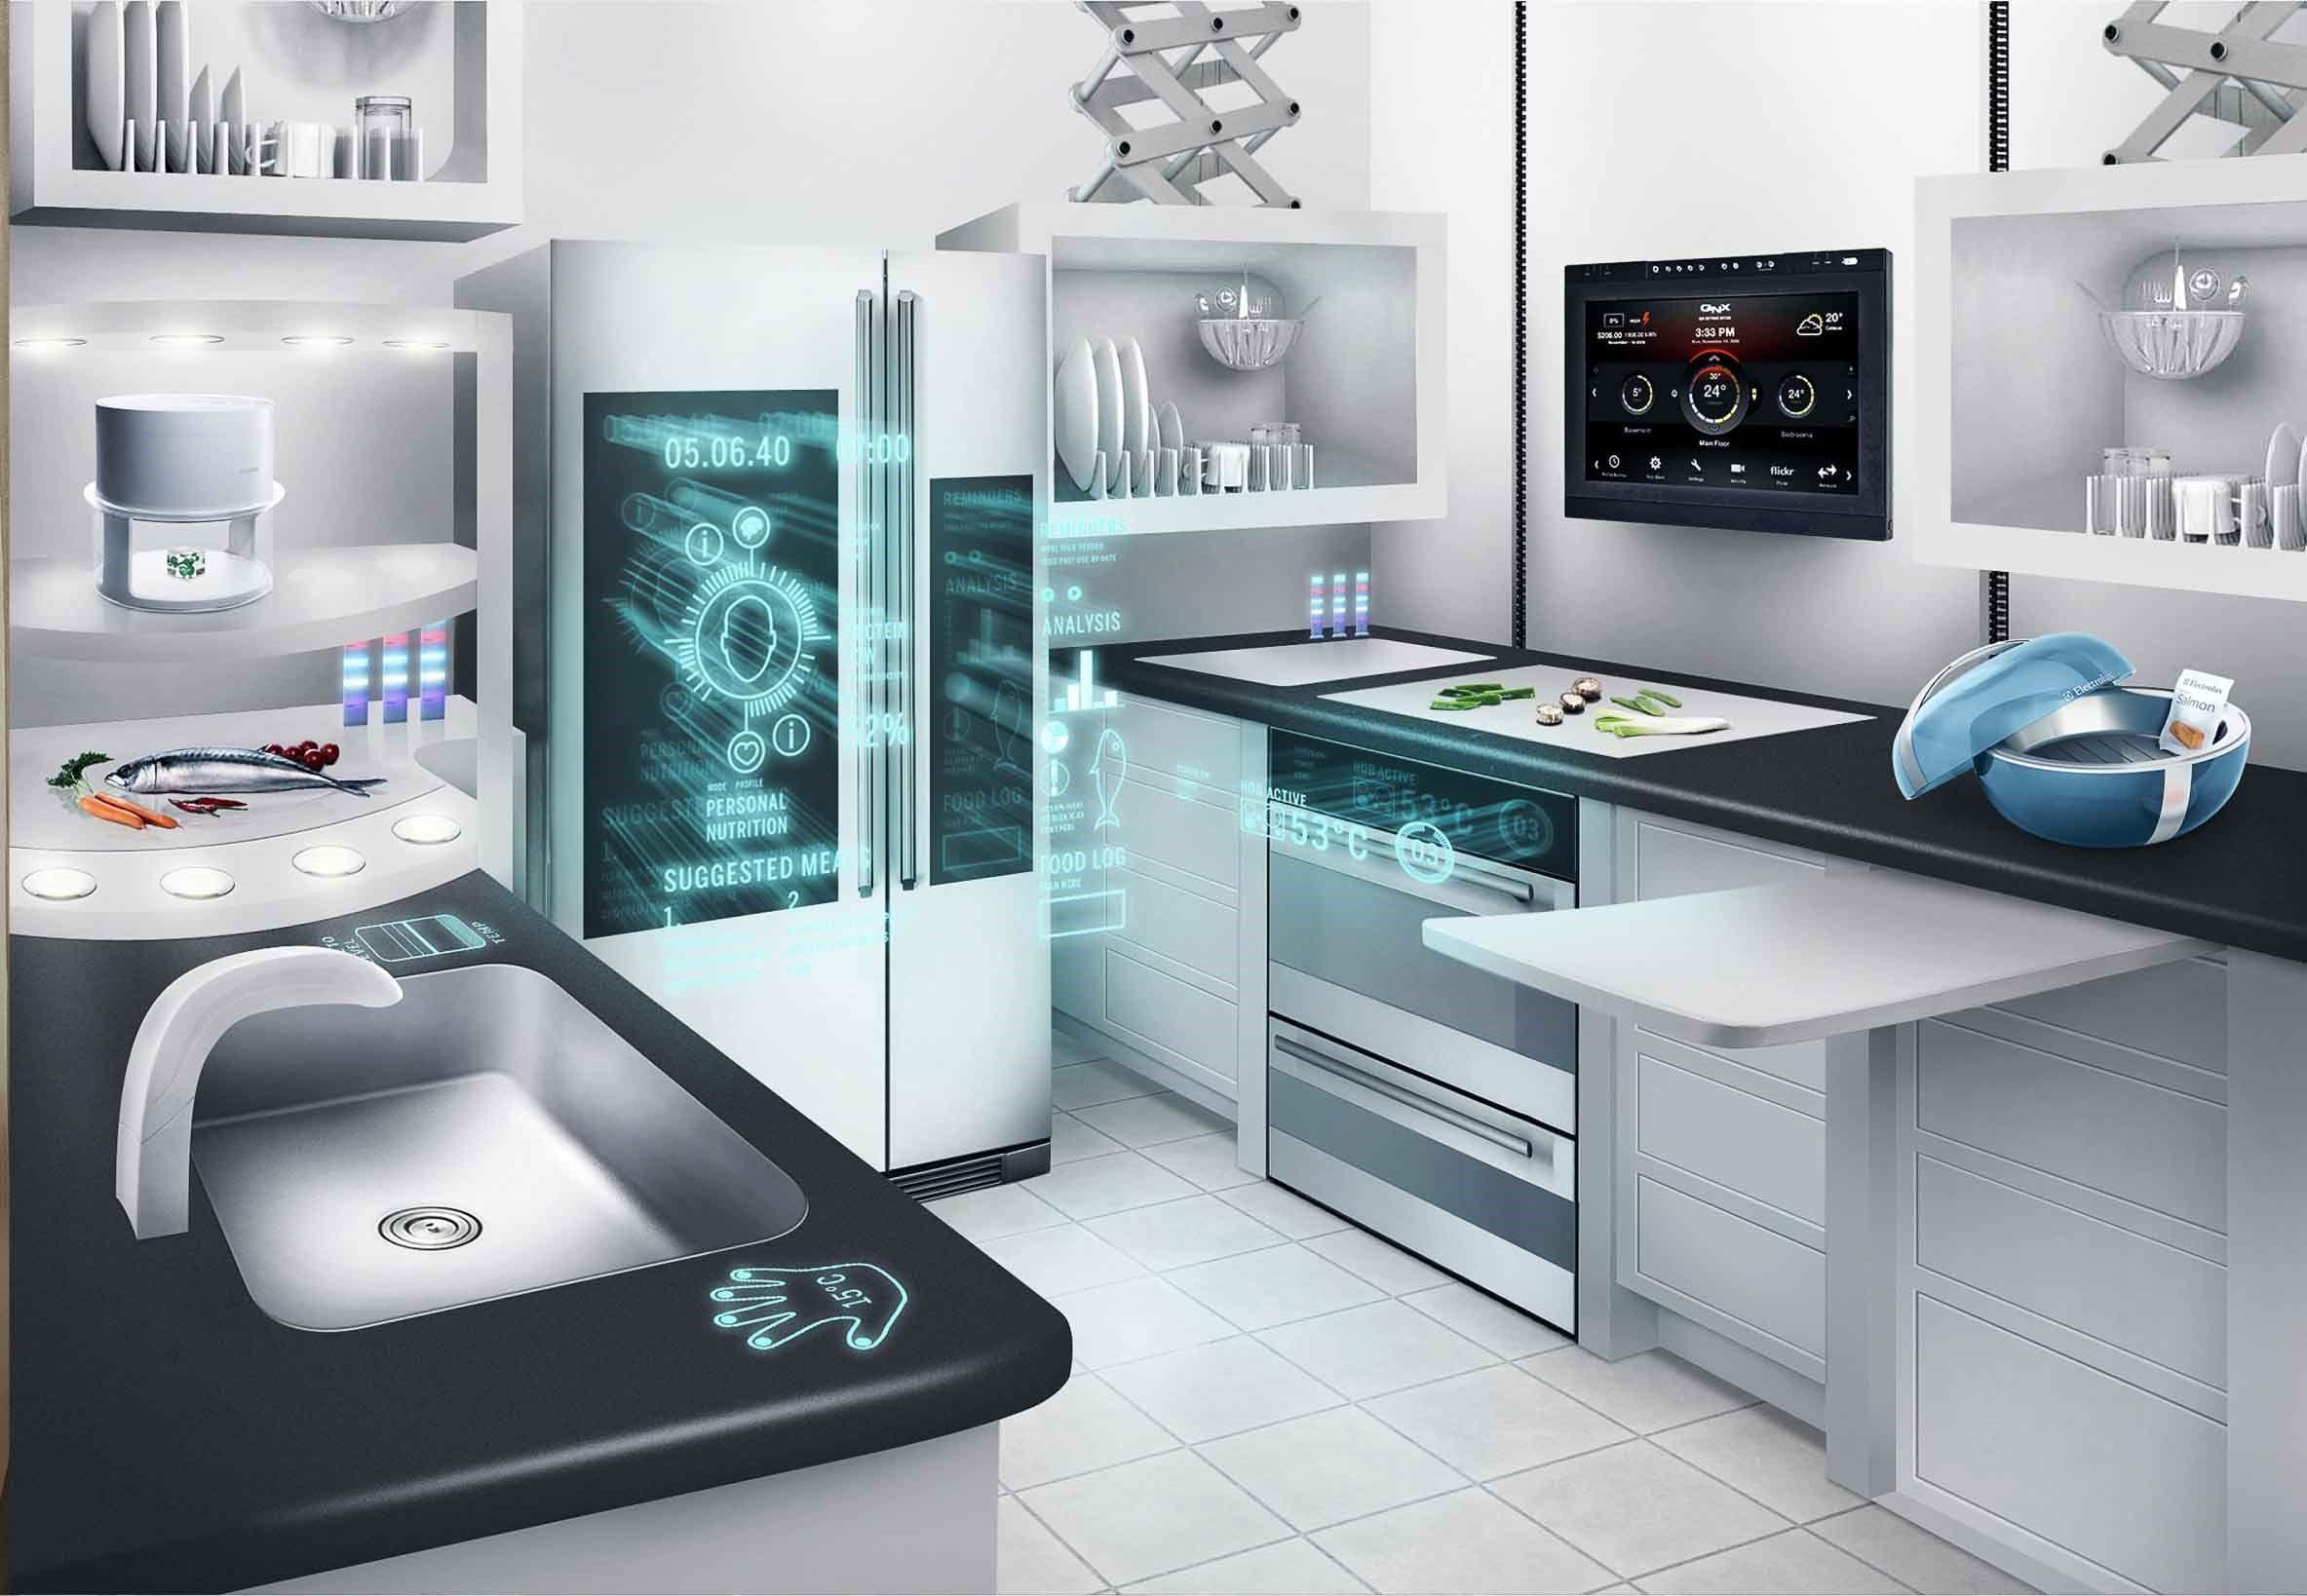 Smart Design Keukens : Keuken van de toekomst sensoren smart iot water energie